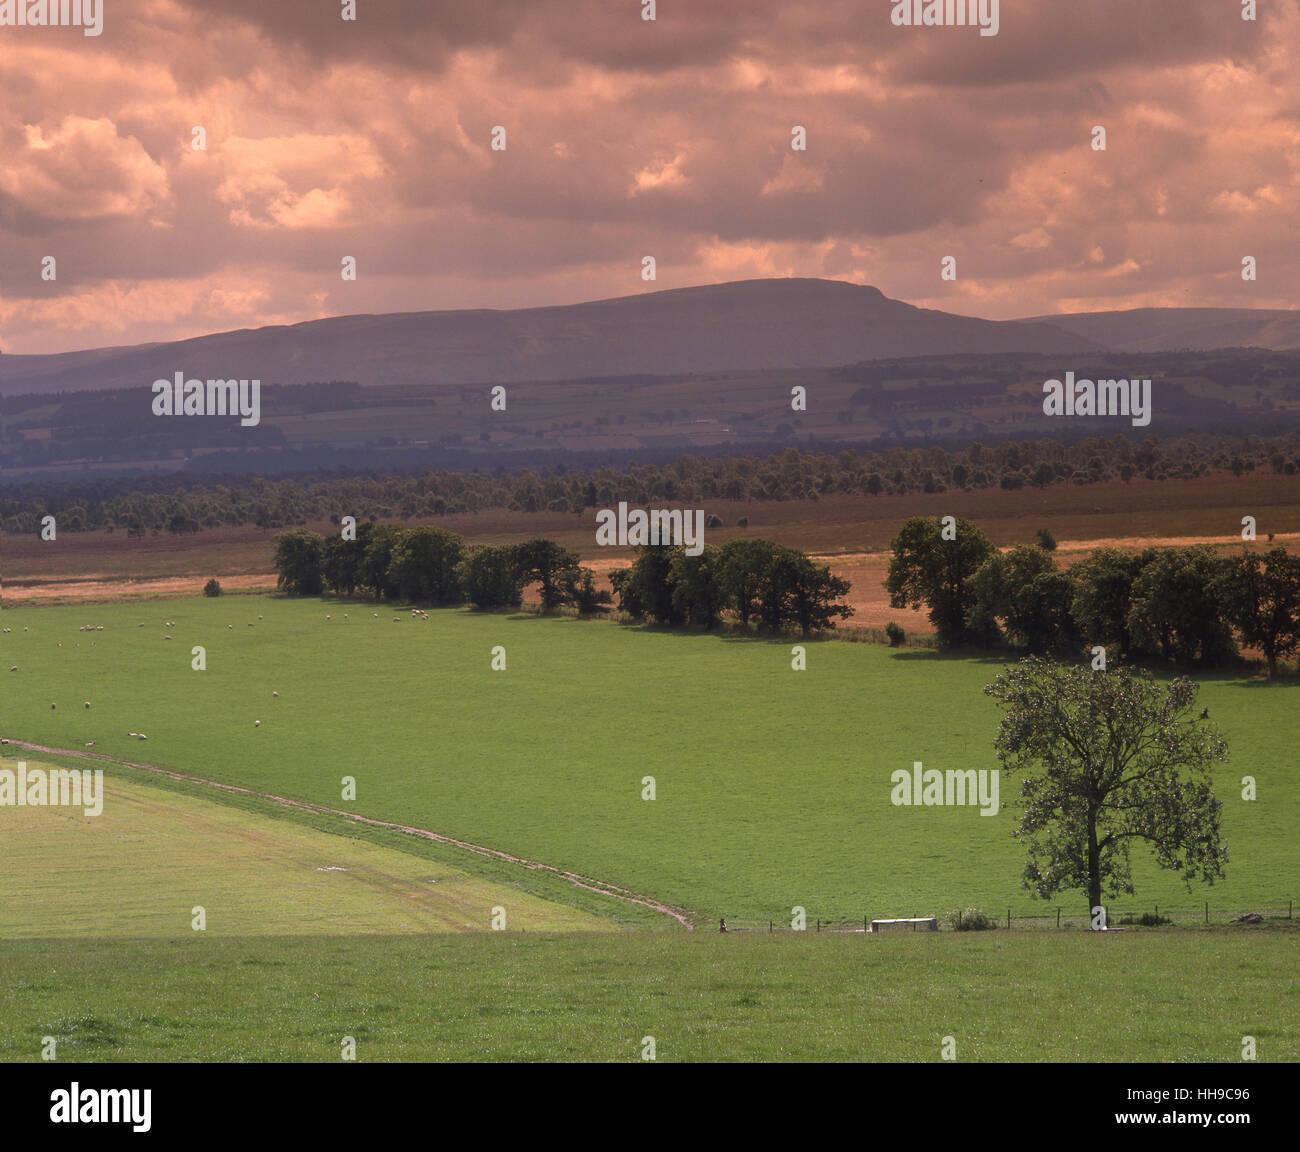 Campagne autour de Thornhill à carron Valley vers les collines Fintry. La région de Stirling. Photo Stock